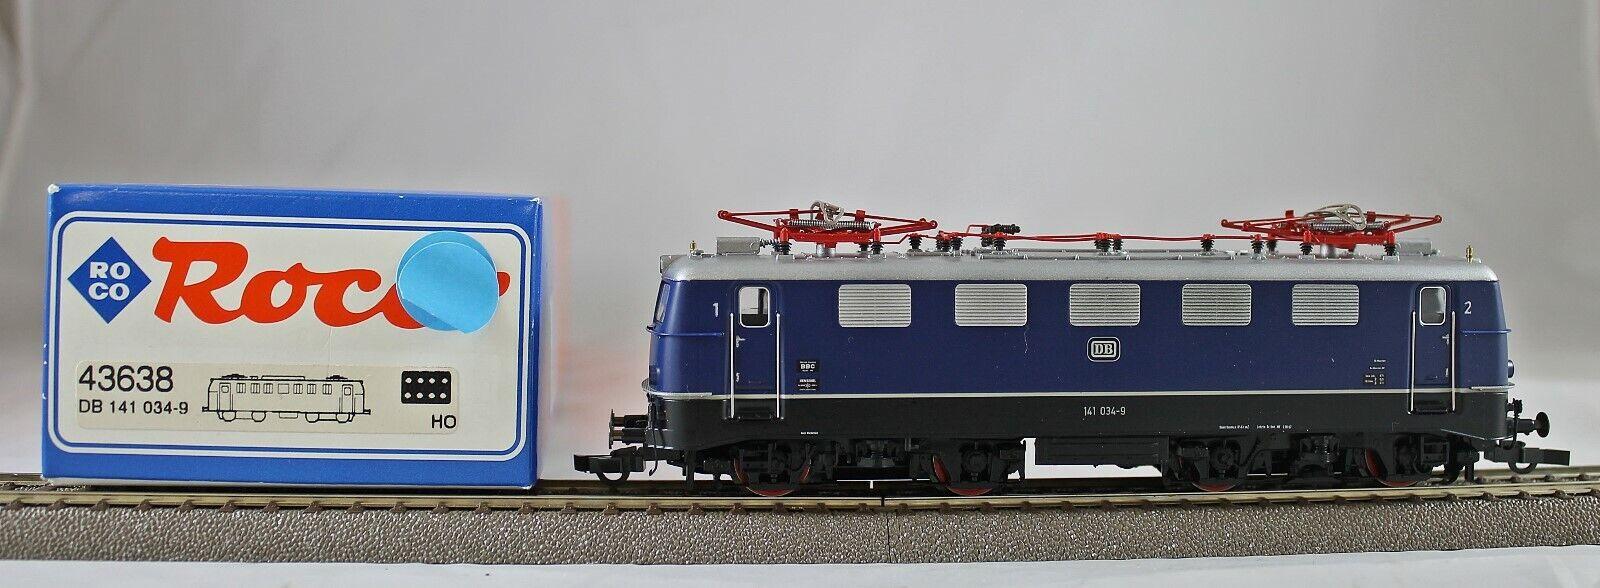 ROCO 43638 elektrolokomotive BR 141 delle DB da collezione con OVP DC